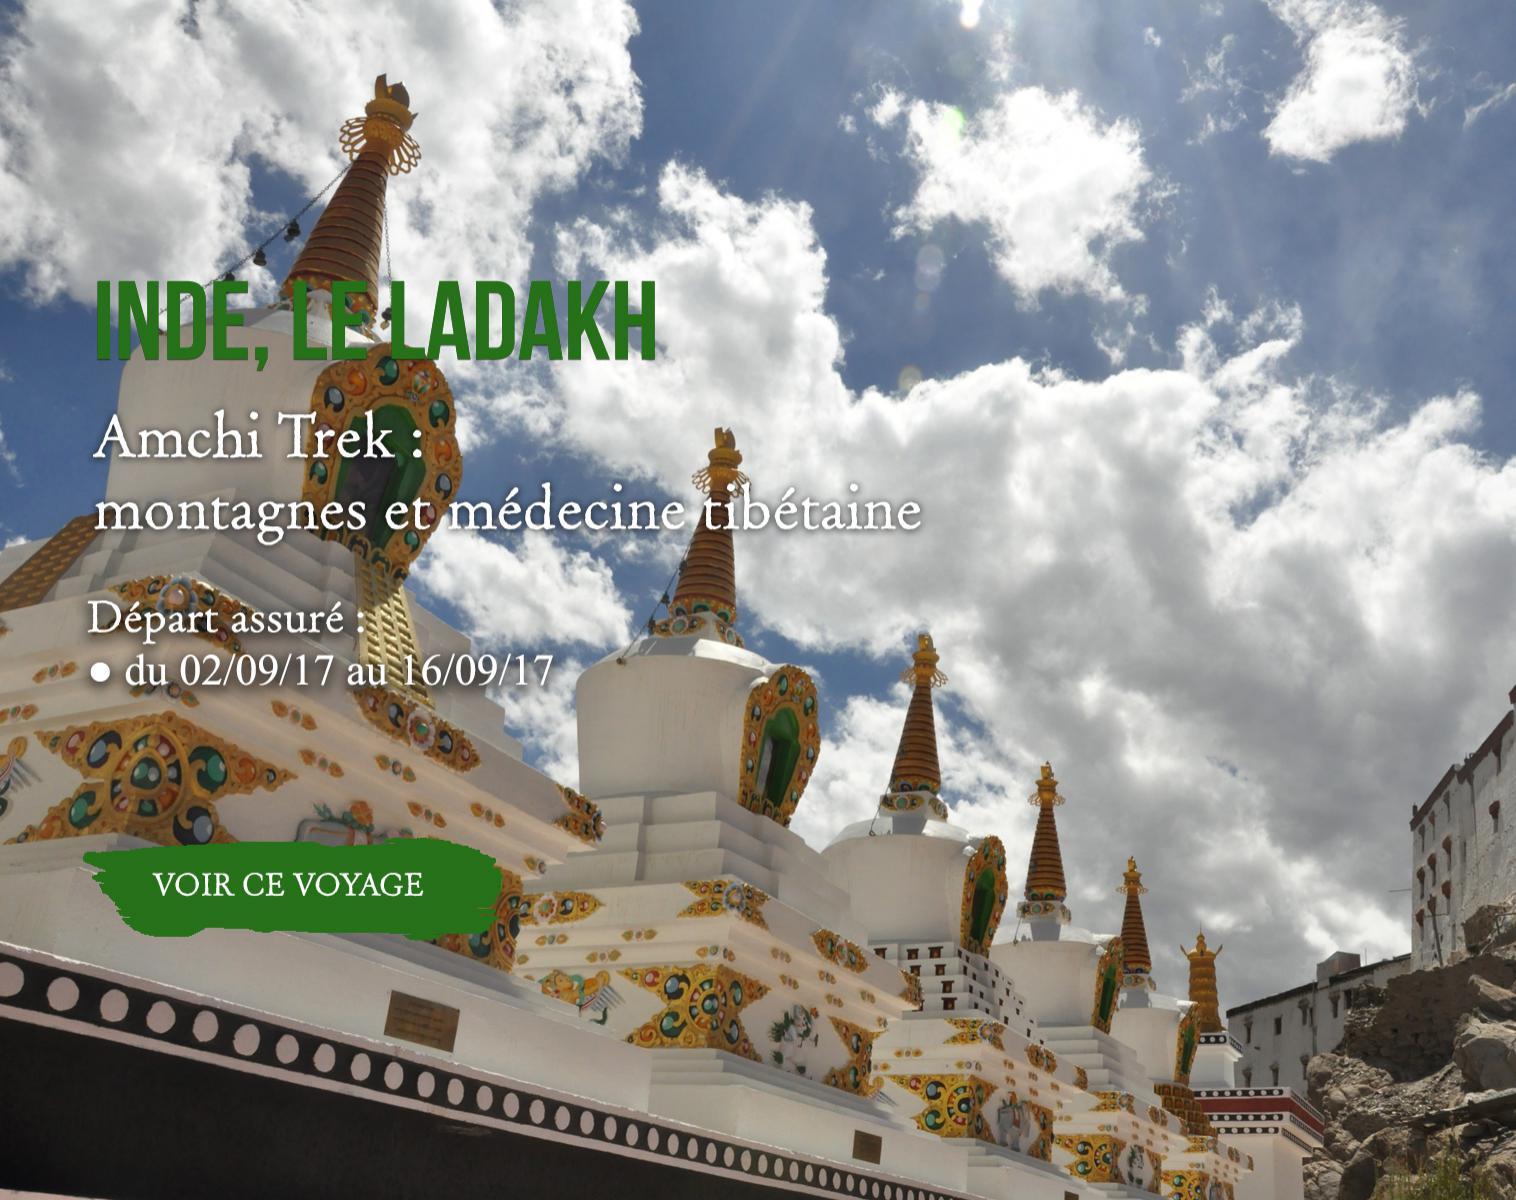 Amchi Trek : montagnes et médecine tibétaine